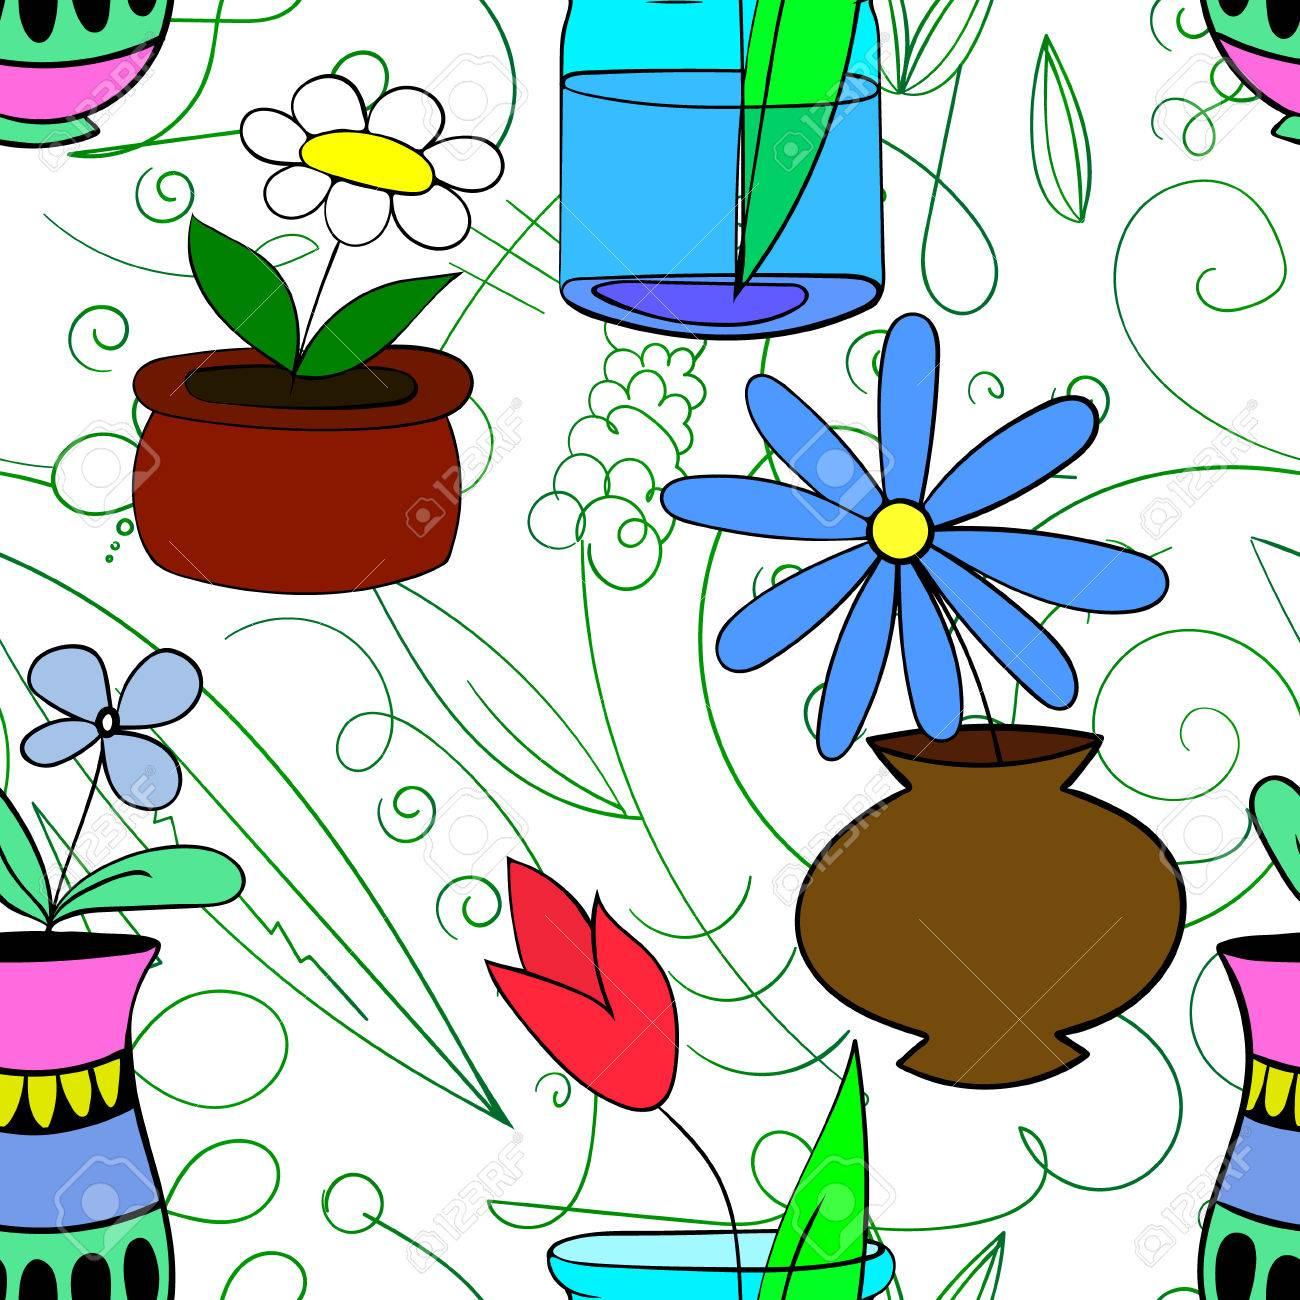 Standard Bild   Topf Pflanzen Nahtlose Muster Vektor Illustration 4 Blumen  In Töpfen Auf Einem Weißen Hintergrund, Handgezeichneten Design Elemente ...